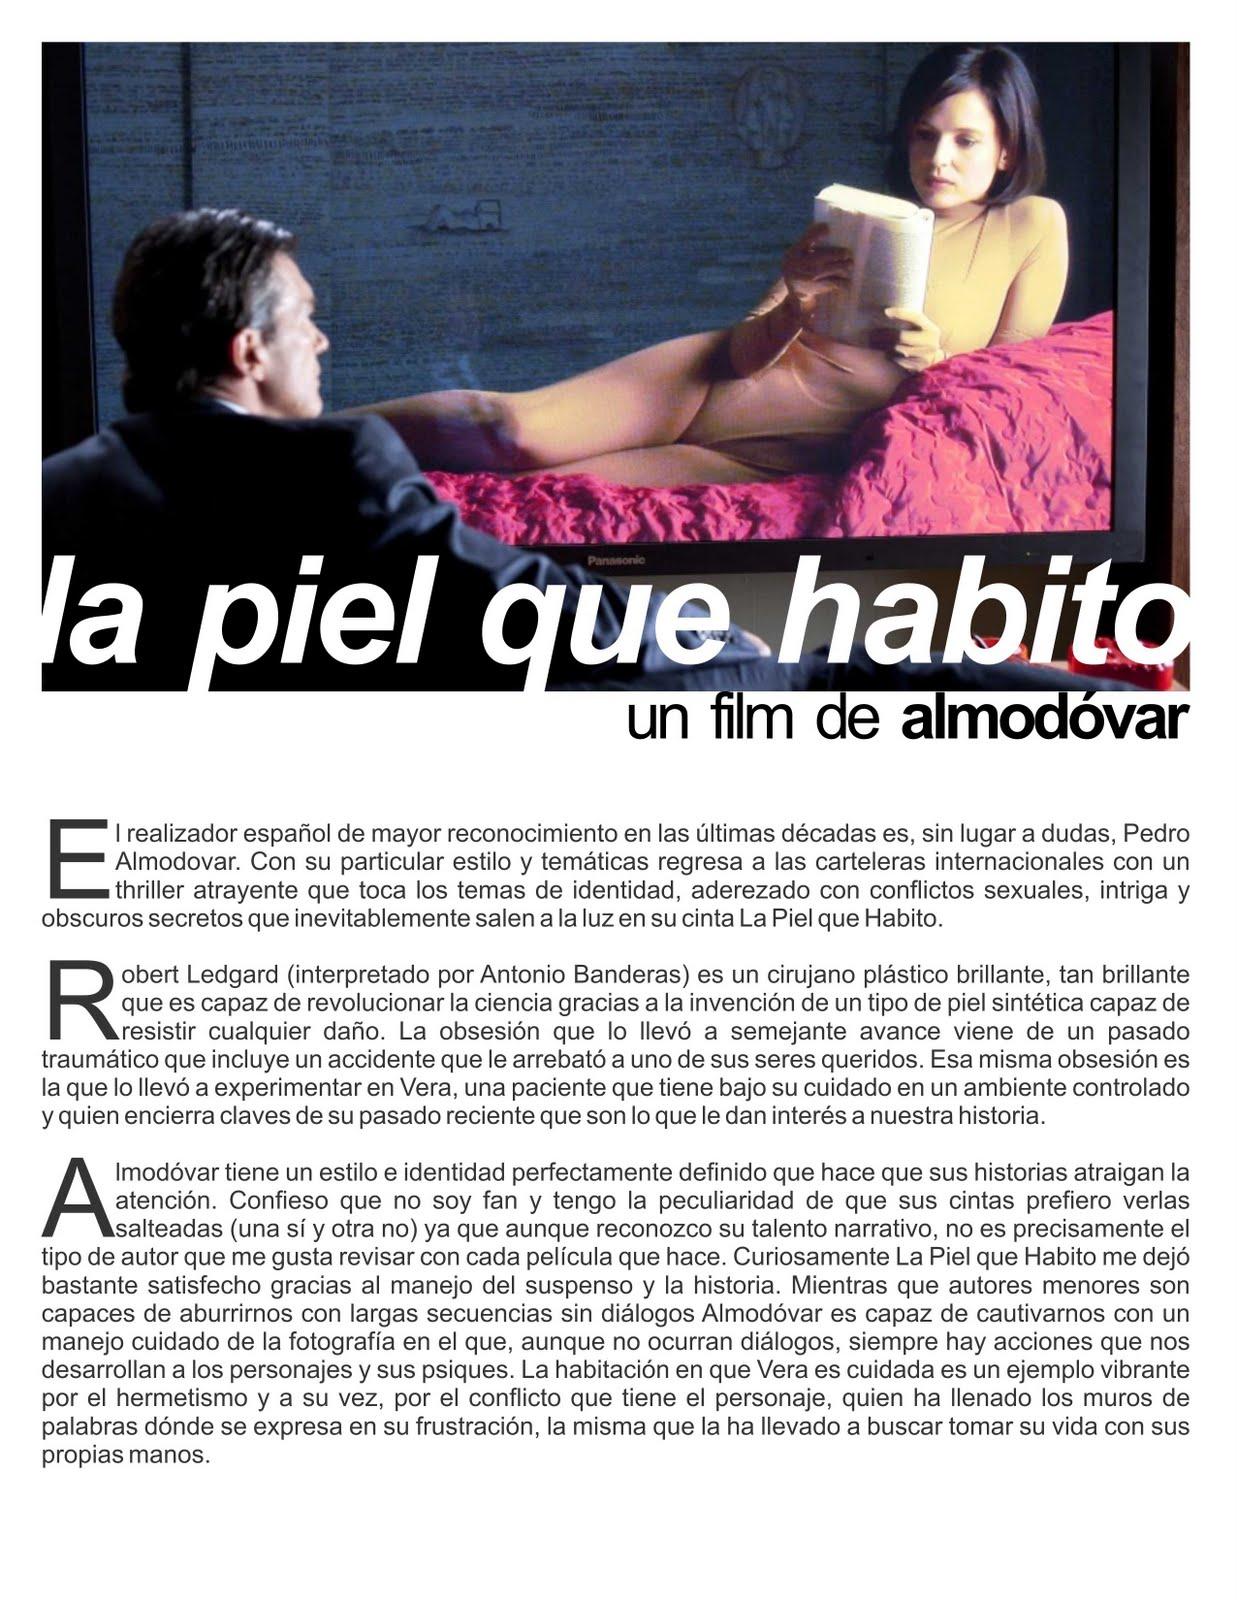 http://1.bp.blogspot.com/-IhtU1N2VNJY/TtwWd_rjiAI/AAAAAAAADb8/nU6uzvWft38/s1600/LaPielQueHabito1.jpg